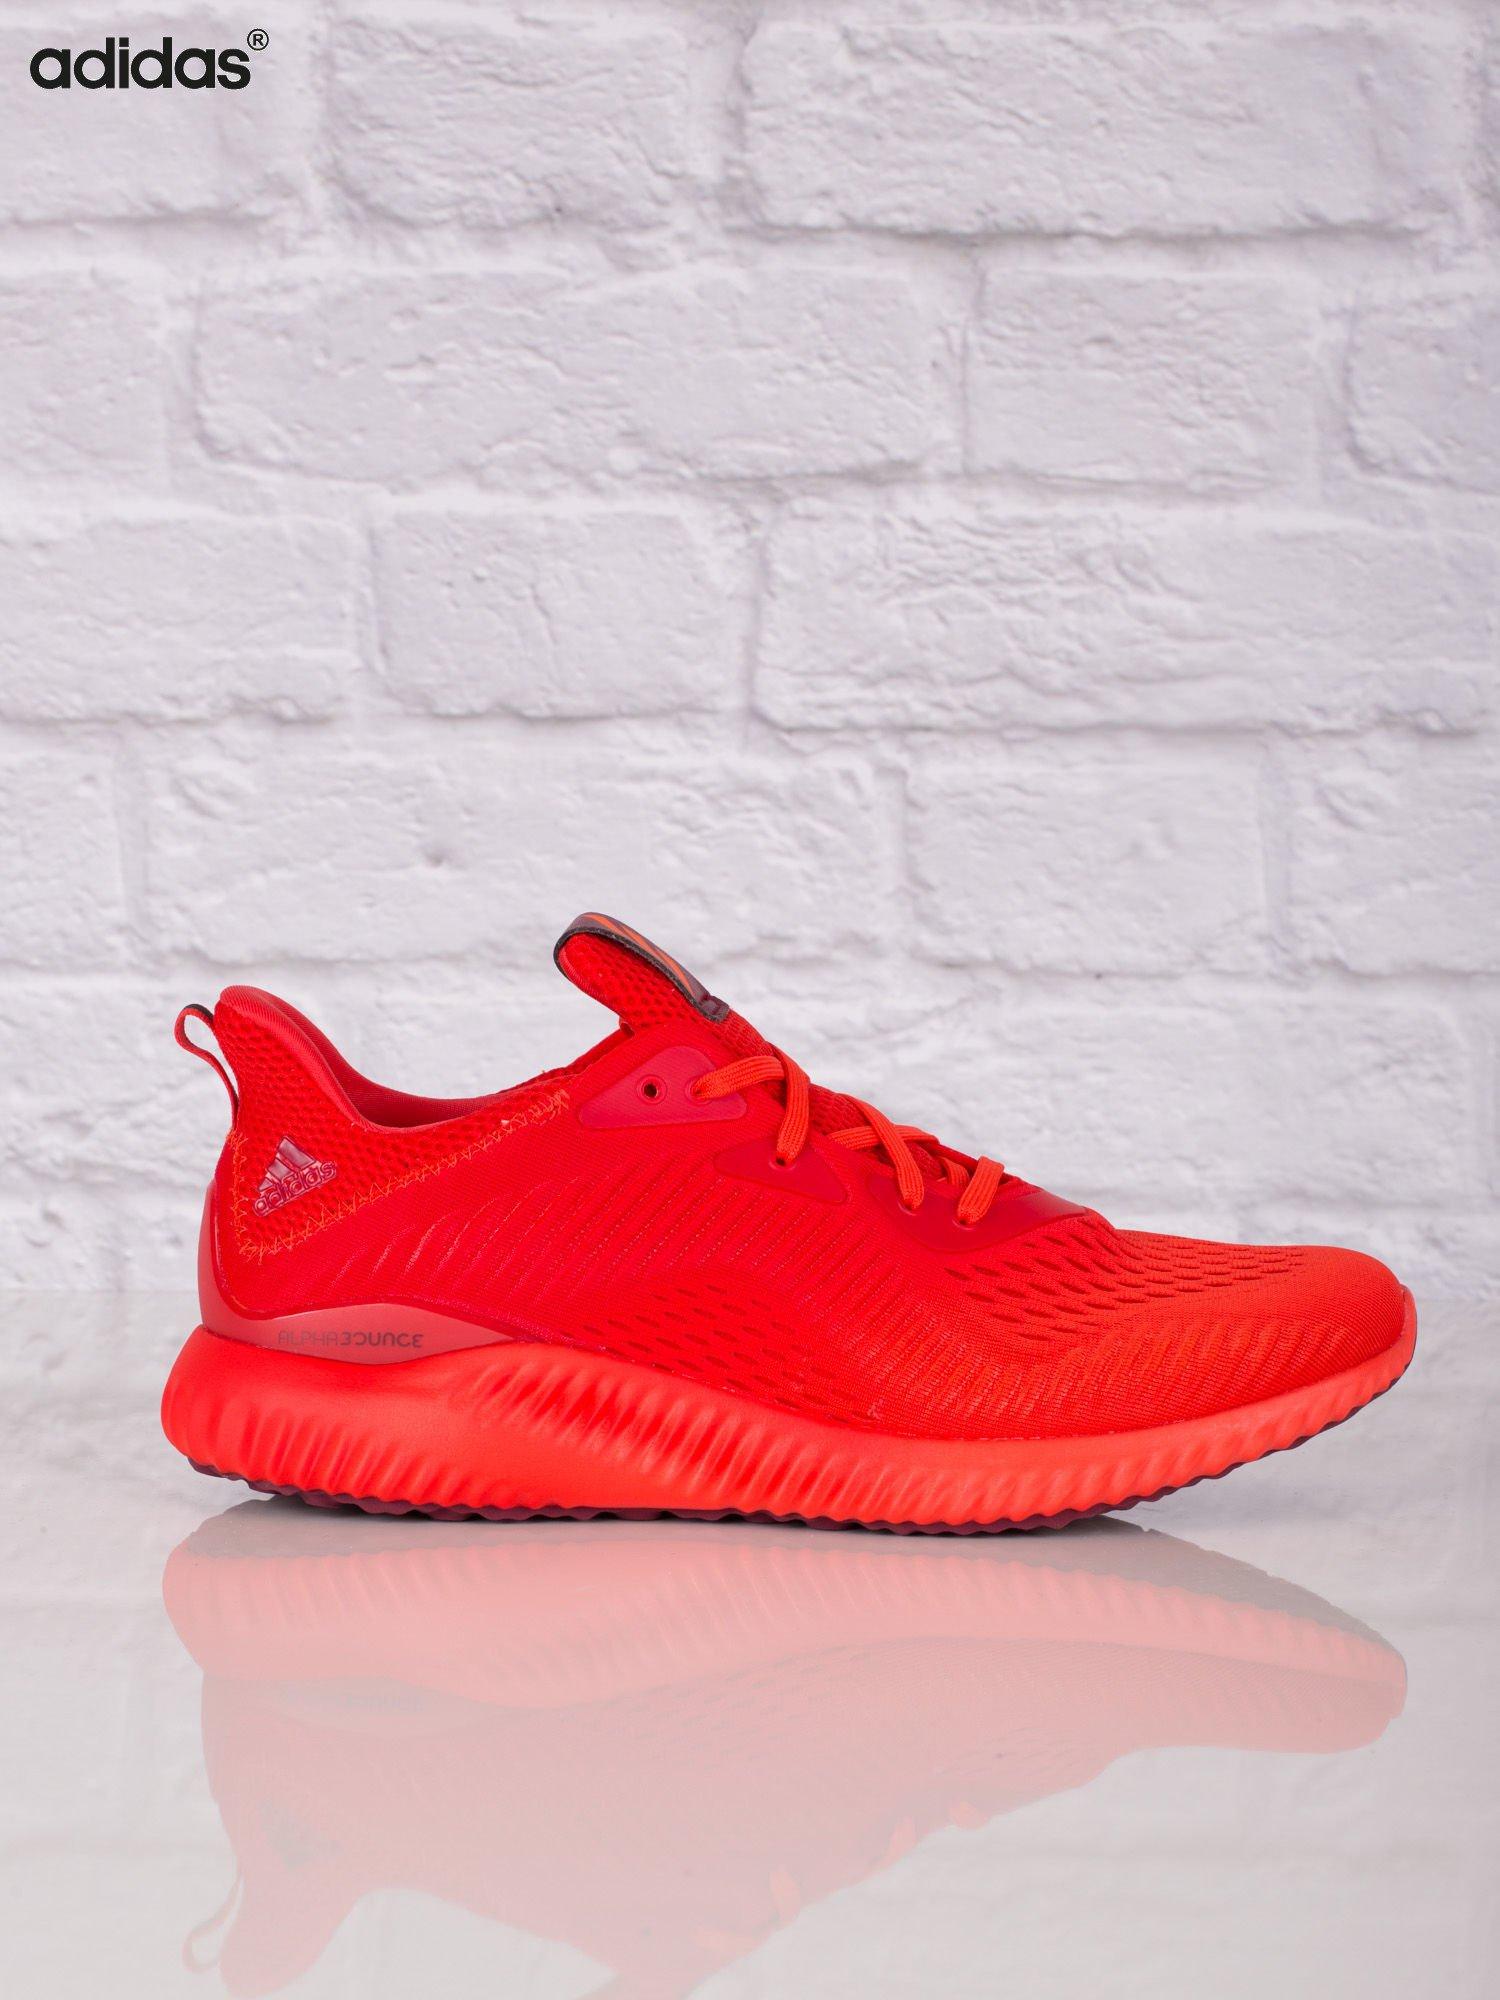 czerwone buty adidas męskie